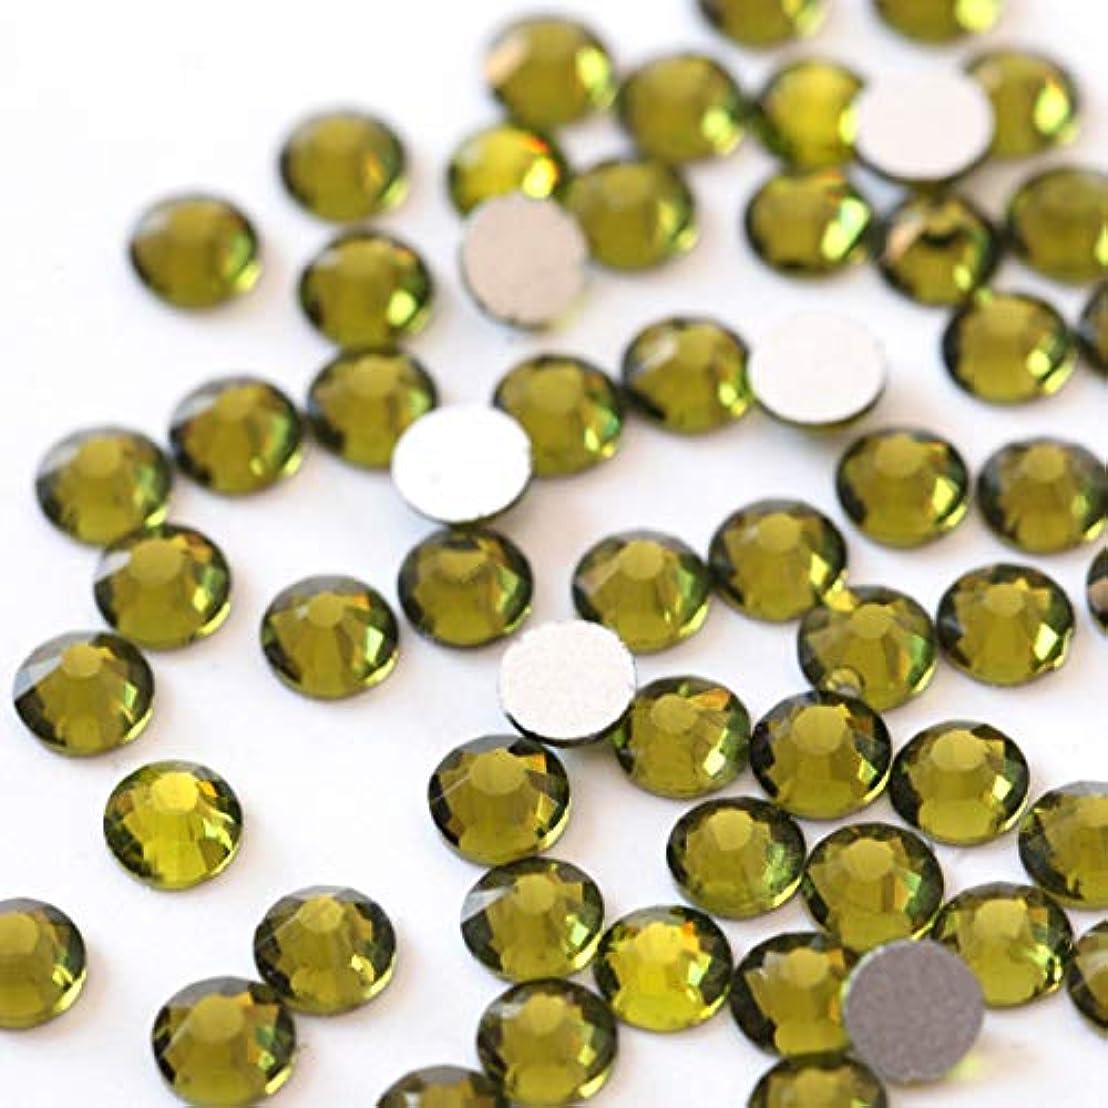 ベンチ子猫麦芽【ラインストーン77】高品質ガラス製ラインストーン オリーブ(6.3mm (SS30) 約45粒)